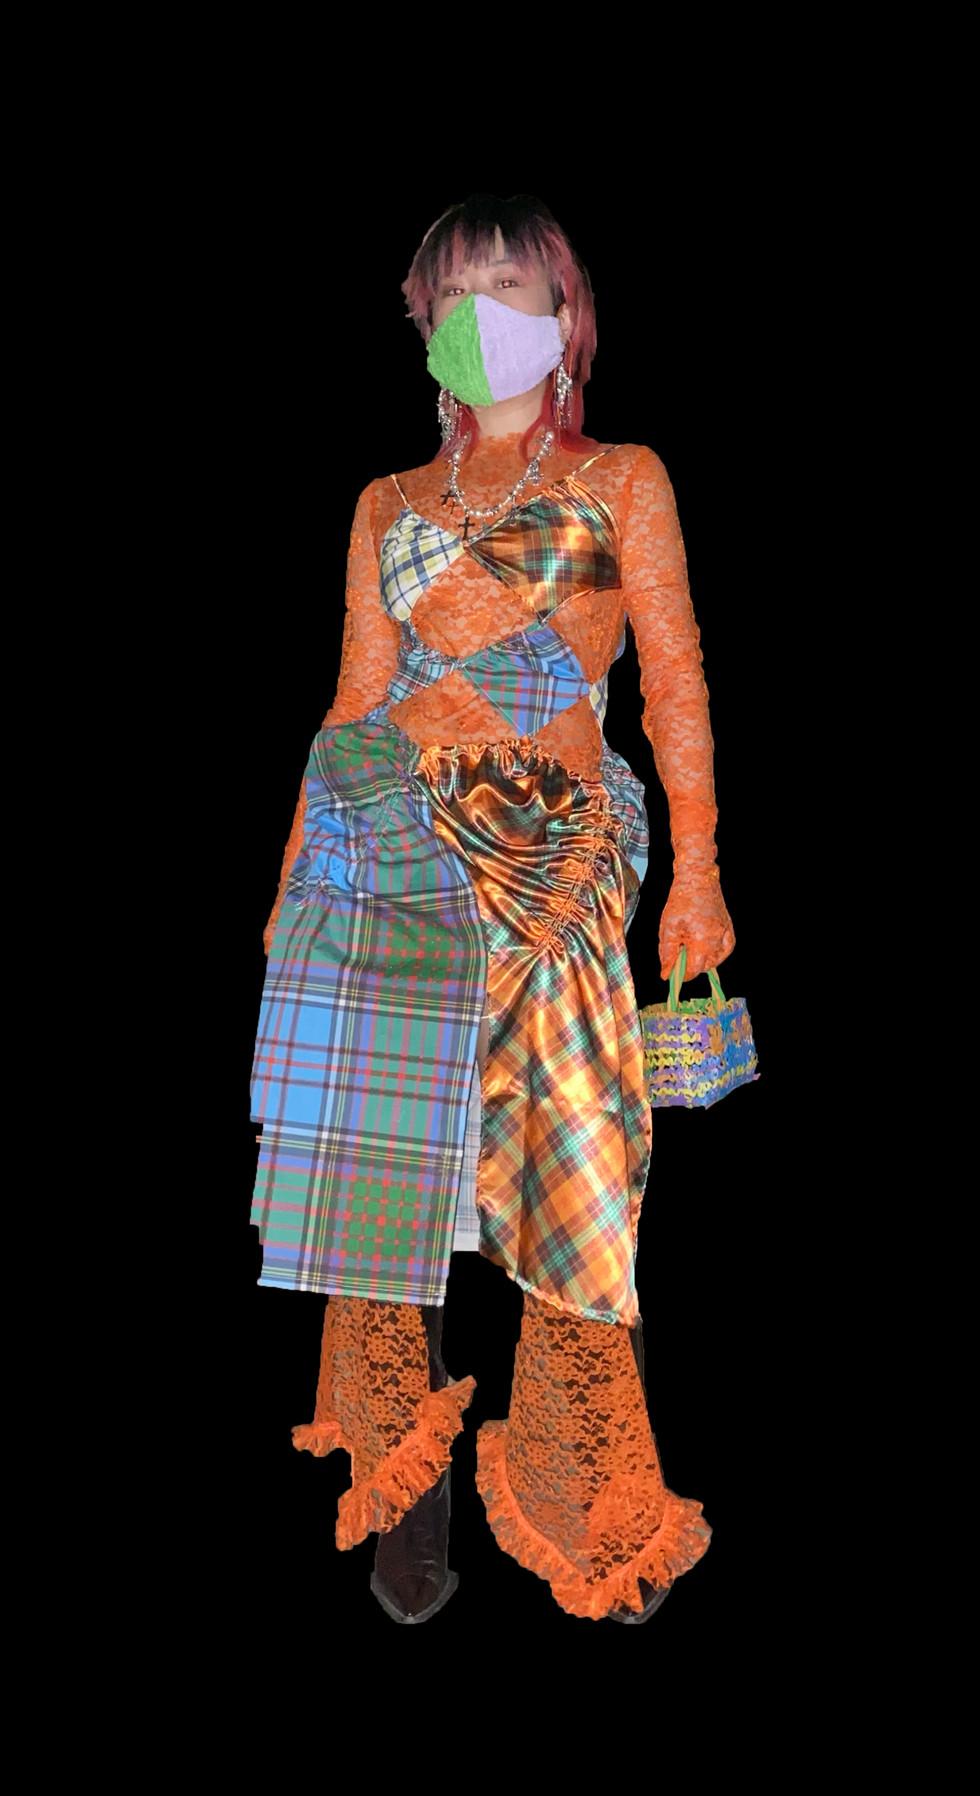 Plaid Patchwork Cutout Dress